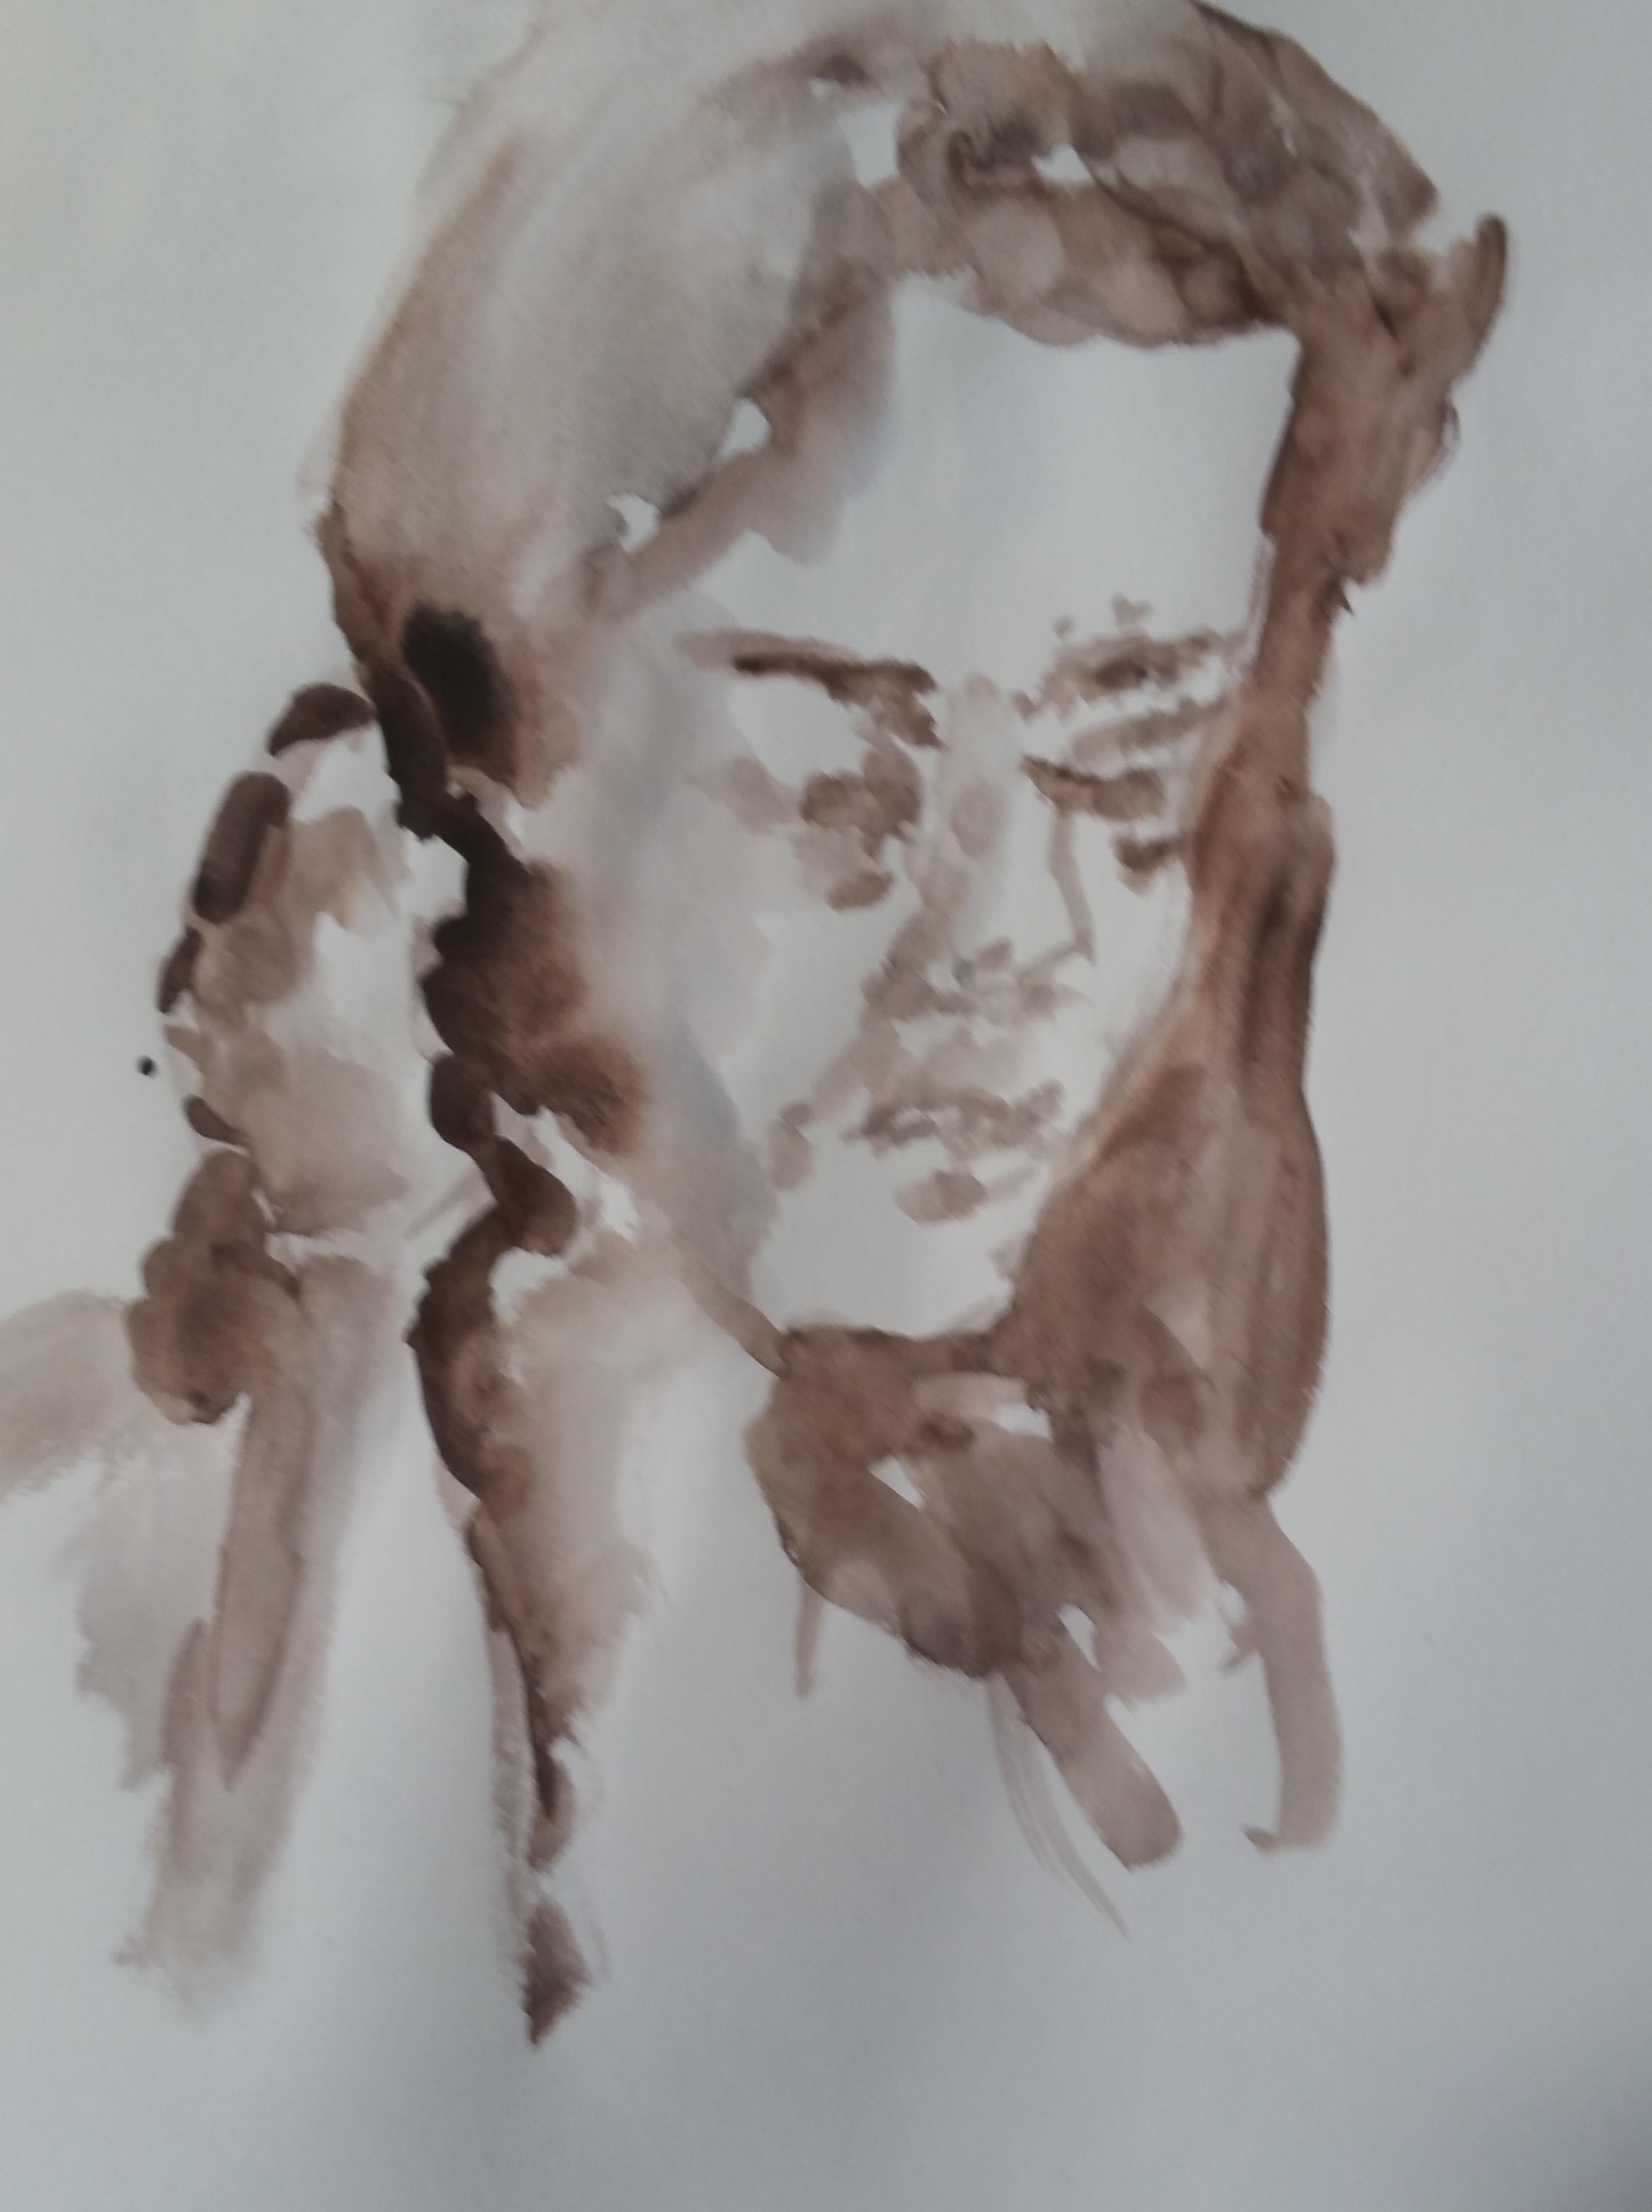 Croquis portraits trois quarts face femme aquarelle  cours de dessin